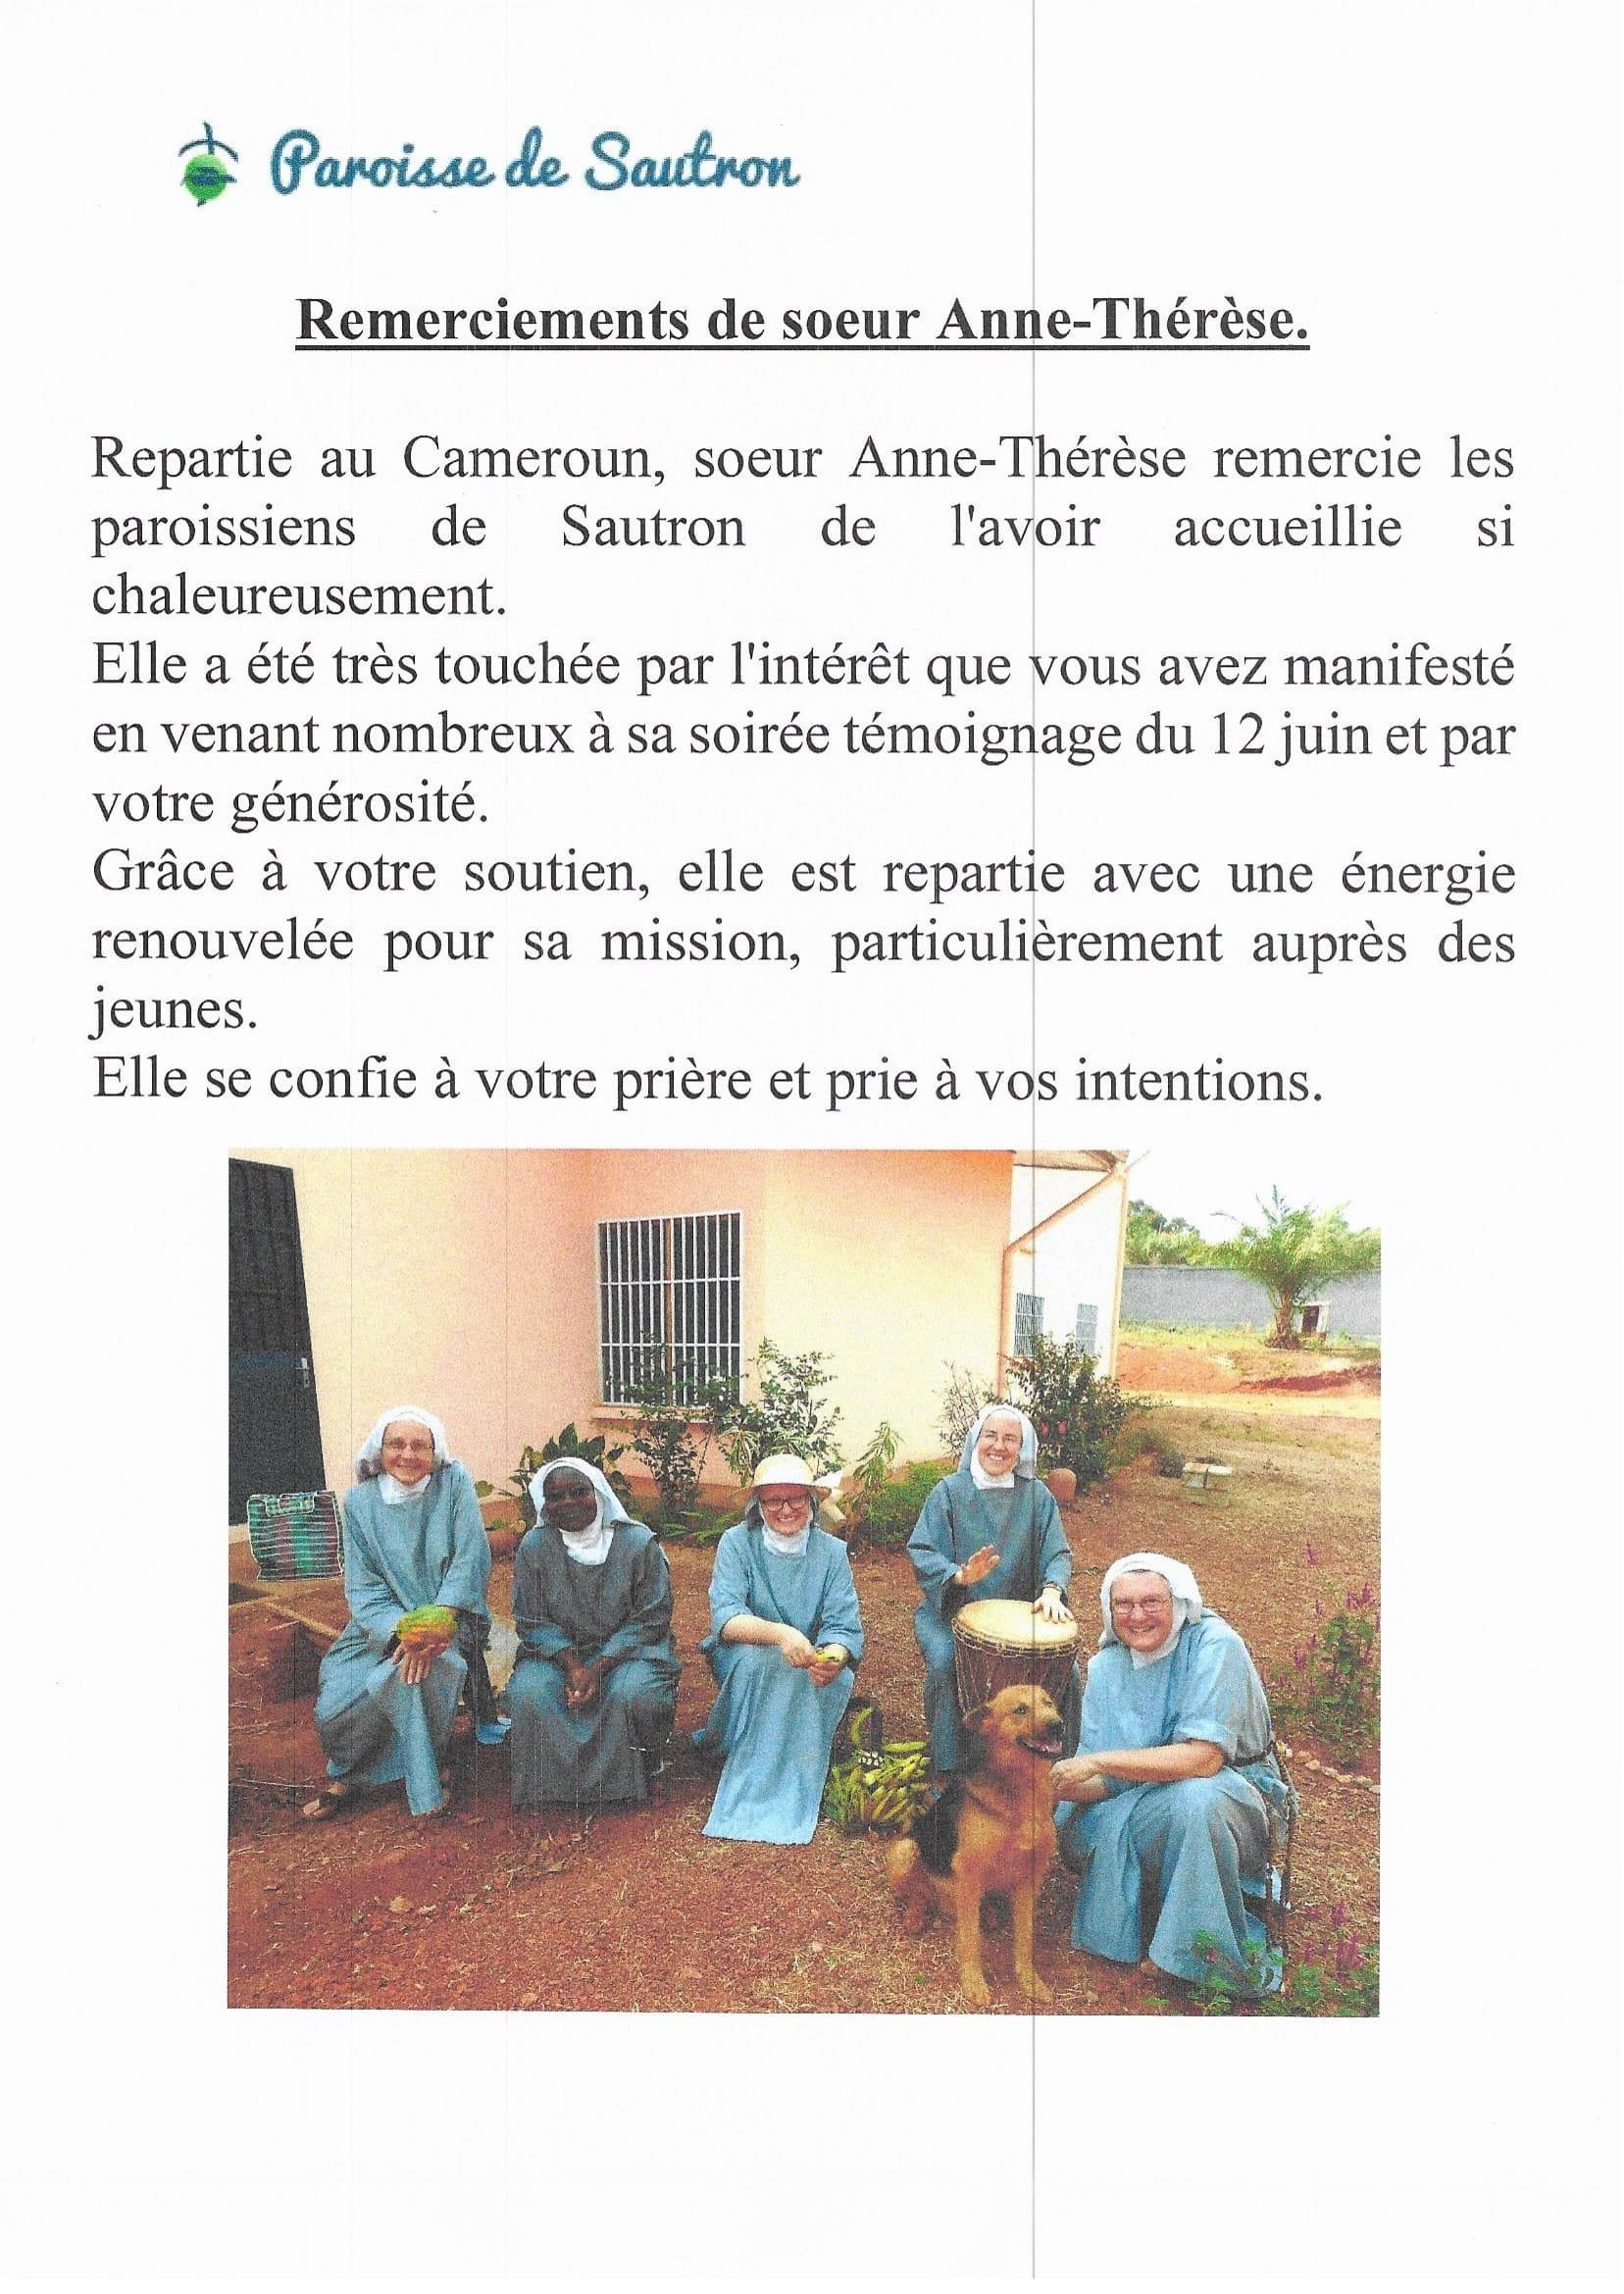 remerciements soeur Anne-Thérèse-1